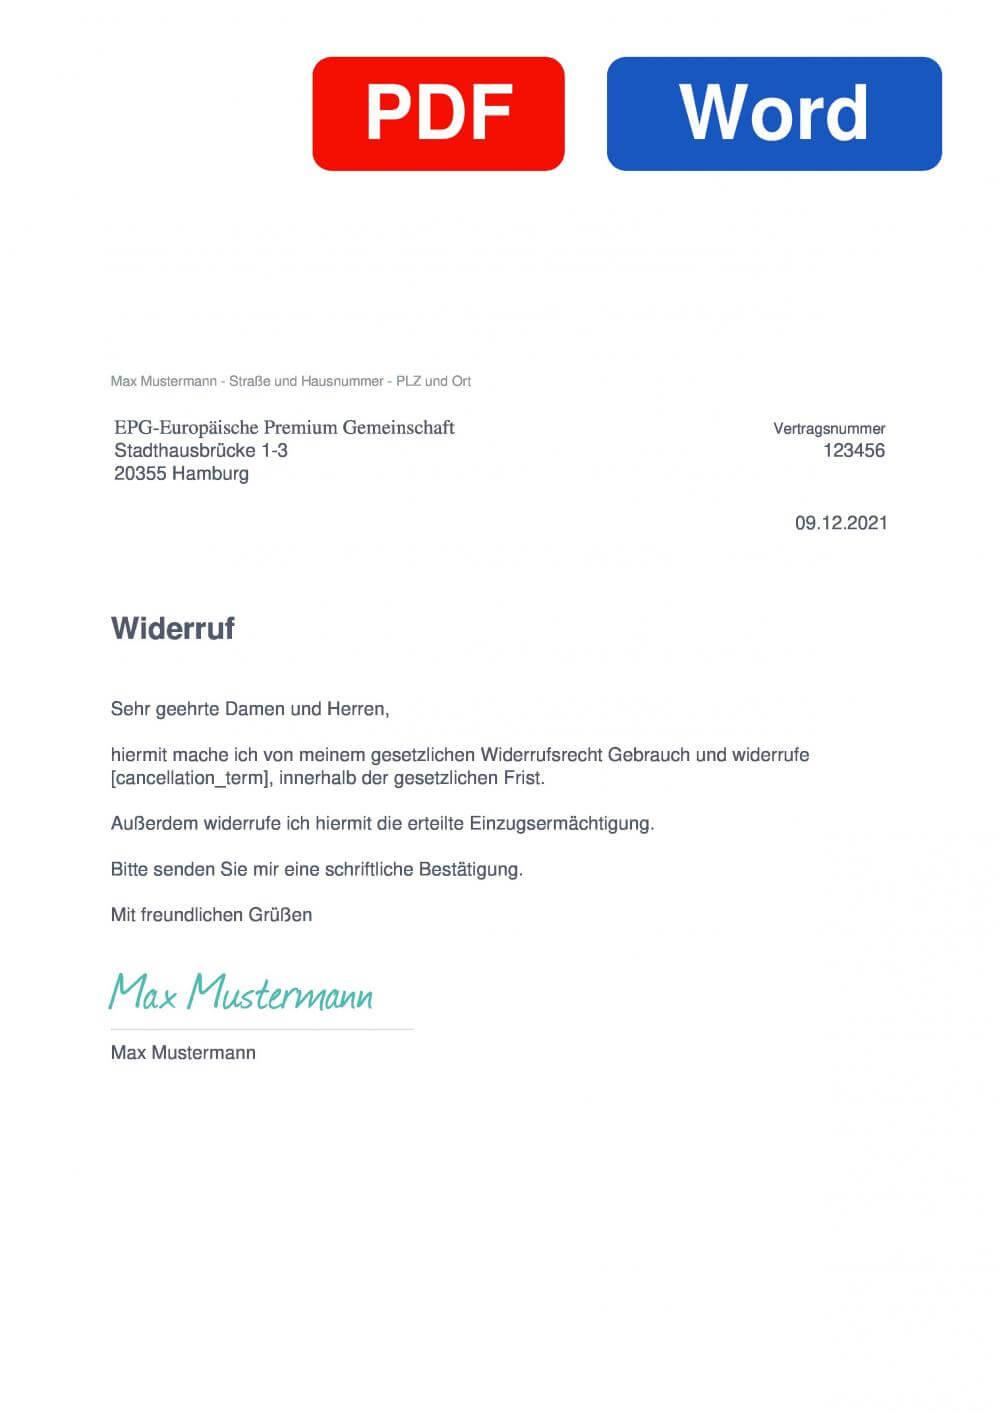 EPG Europäische Premium Gemeinschaft Muster Vorlage für Wiederrufsschreiben